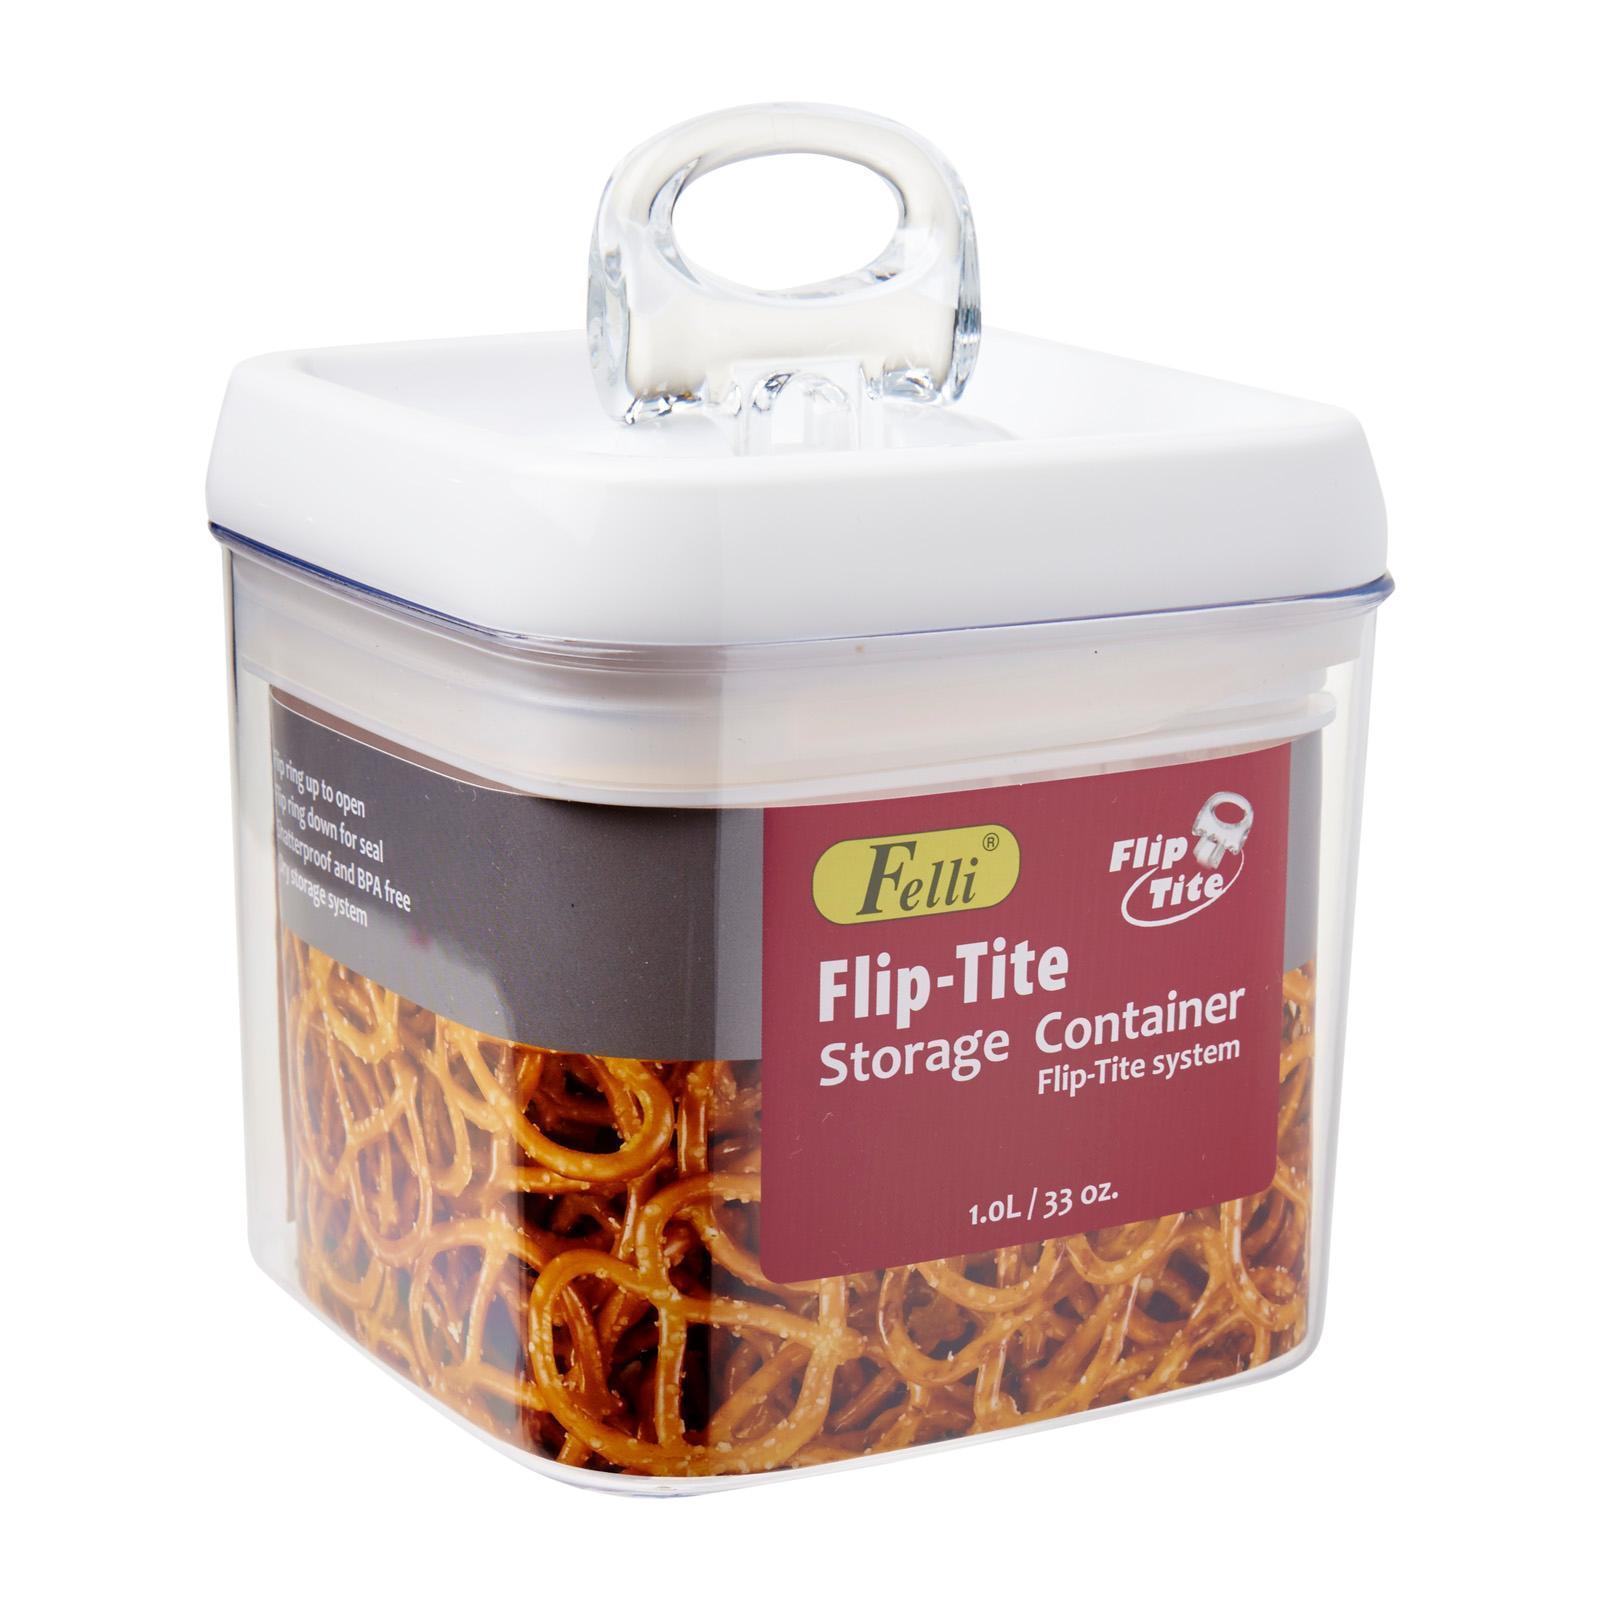 Felli Flip Tite Square Container 1.0L